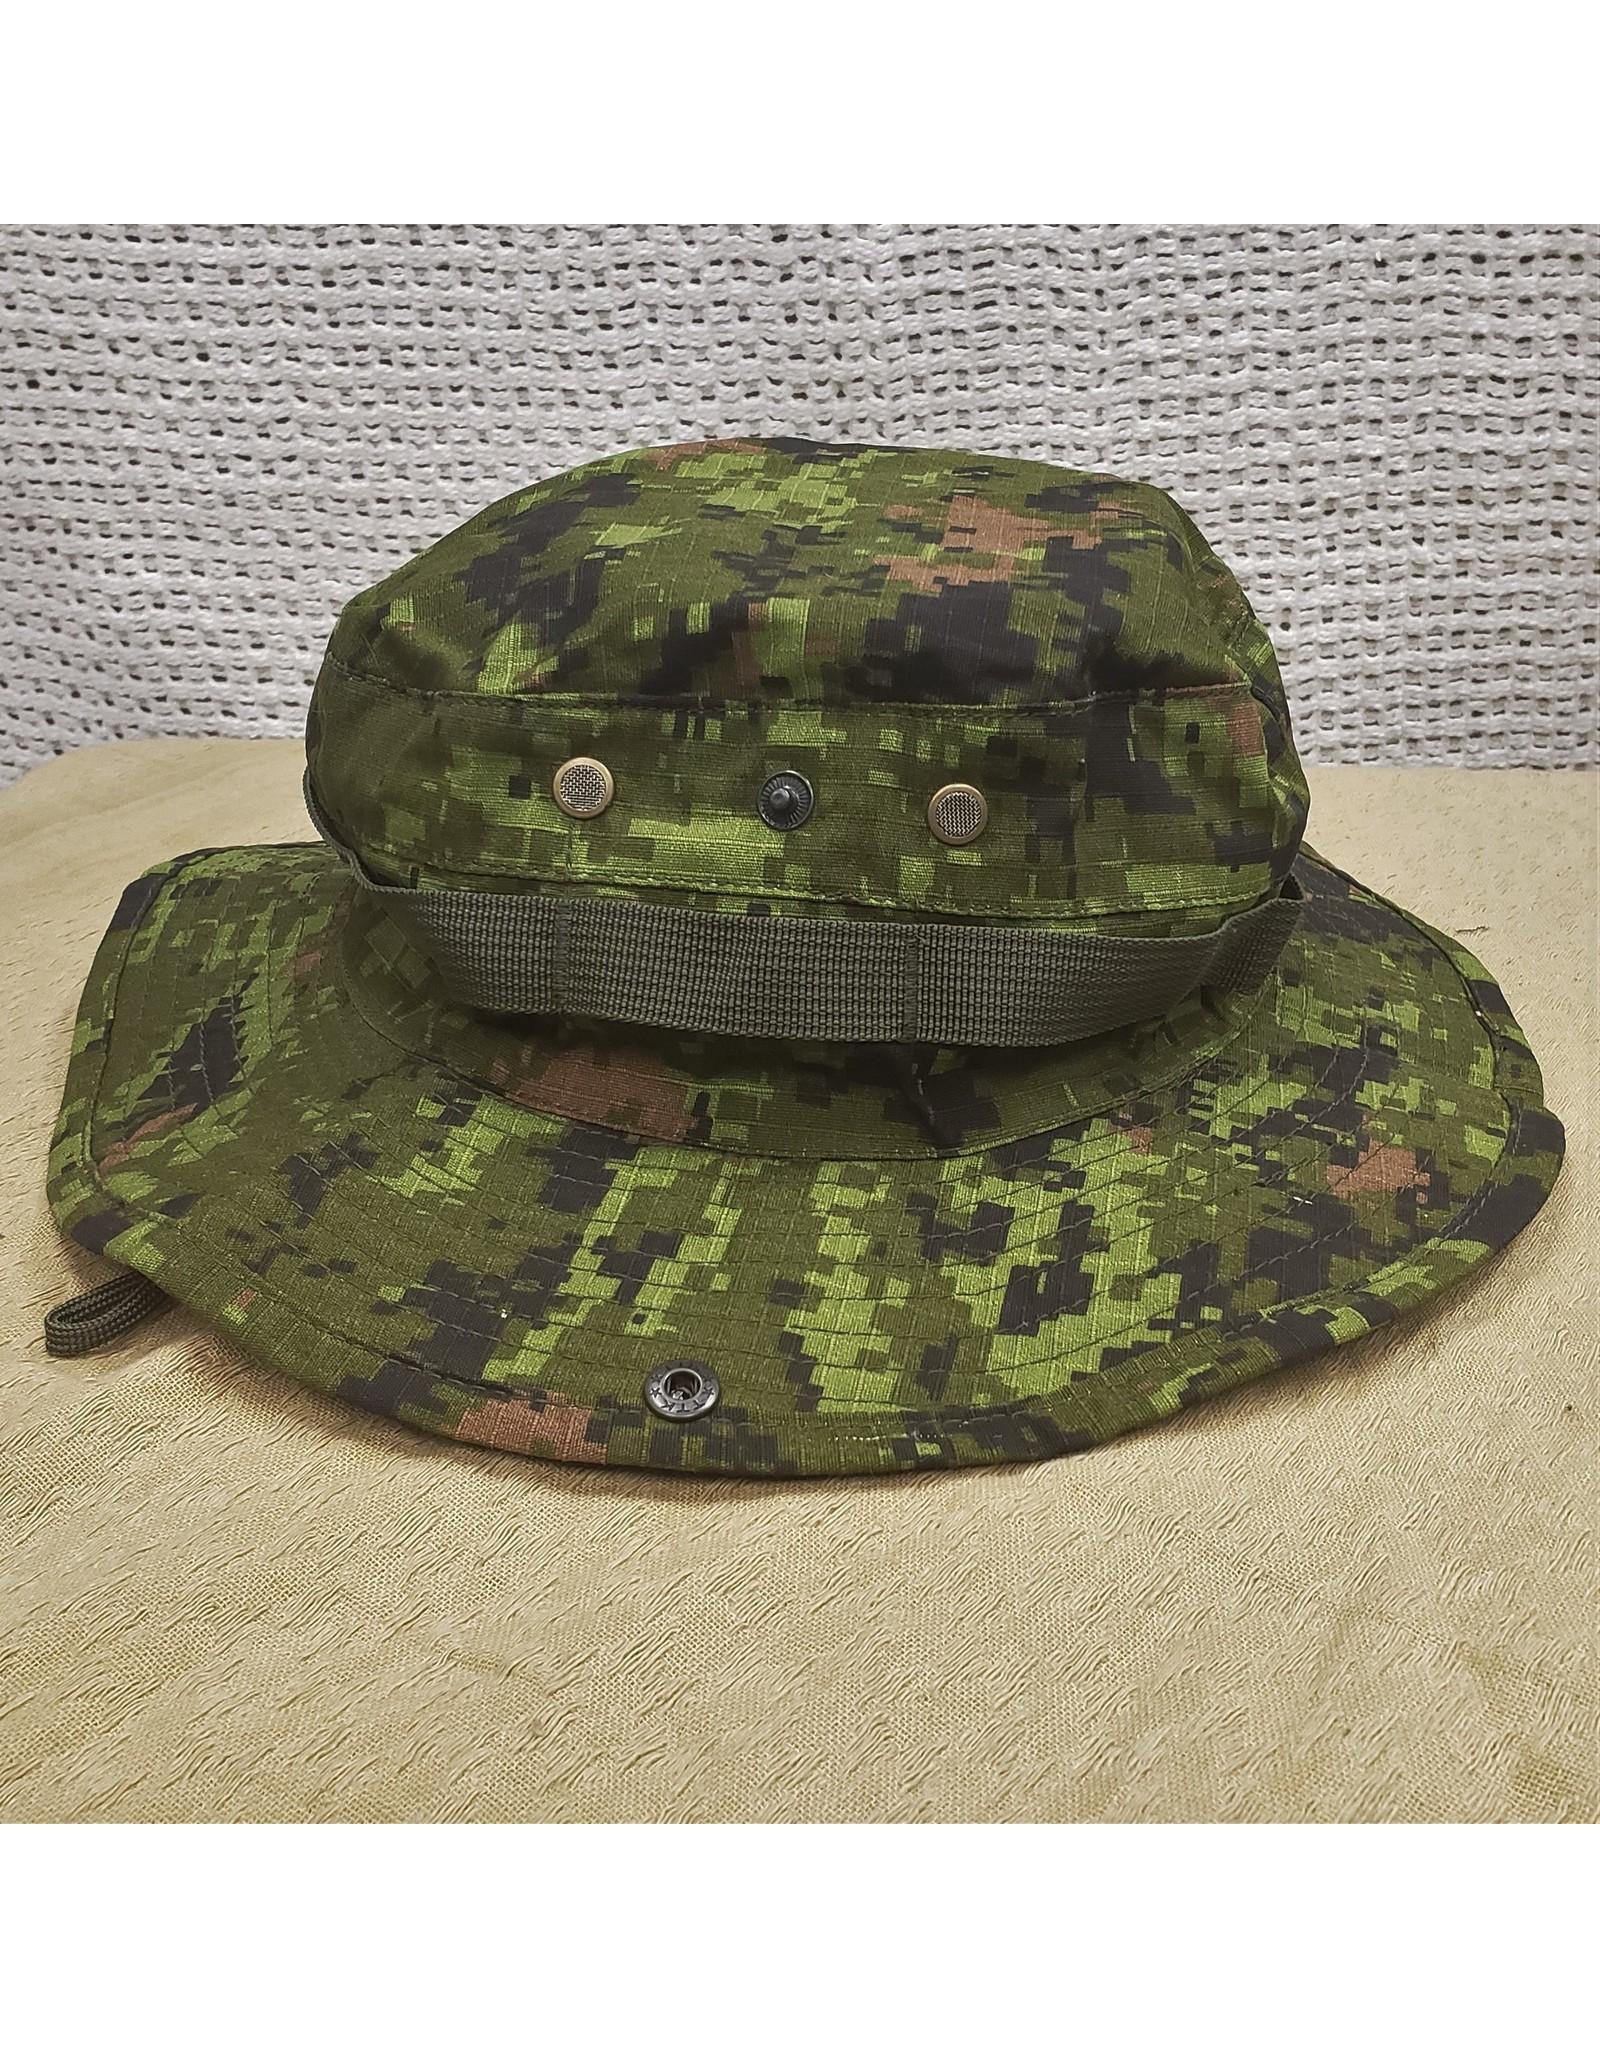 SHADOW STRATEGIC SHADOW STRATEGIC WOODLAND CAMO BOONI HAT